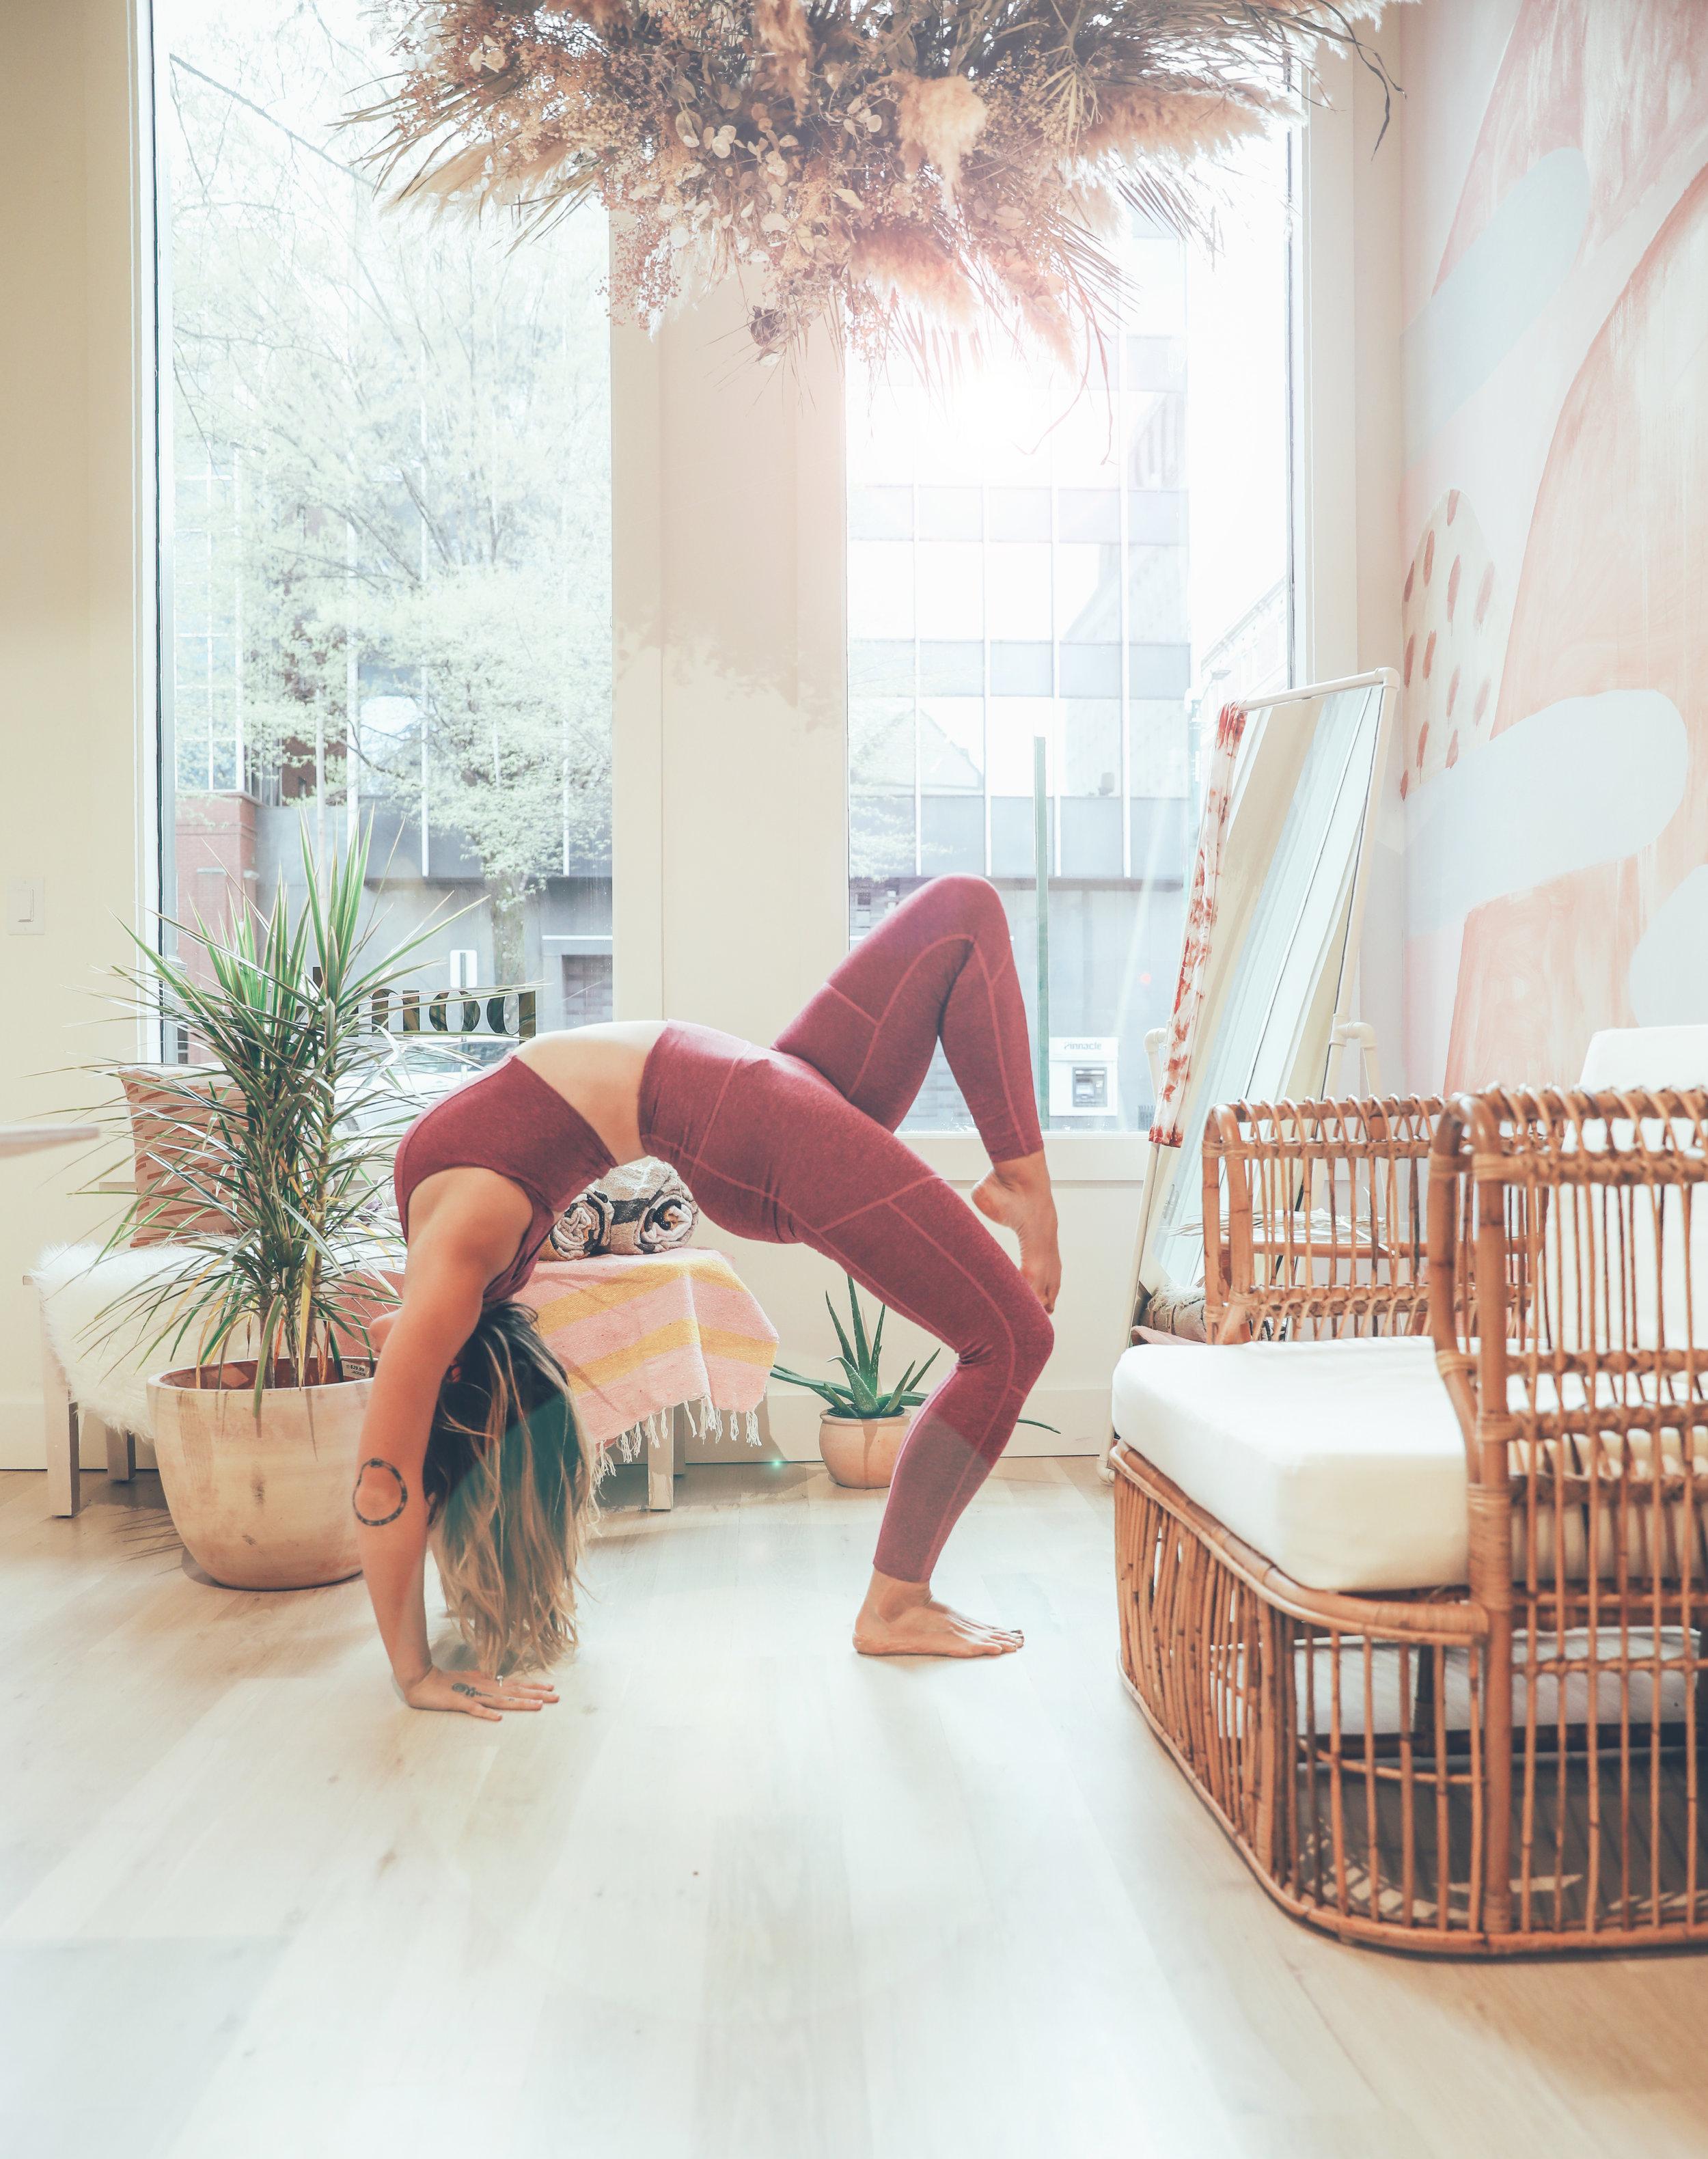 Margie_yoga_POMKT_008.jpg